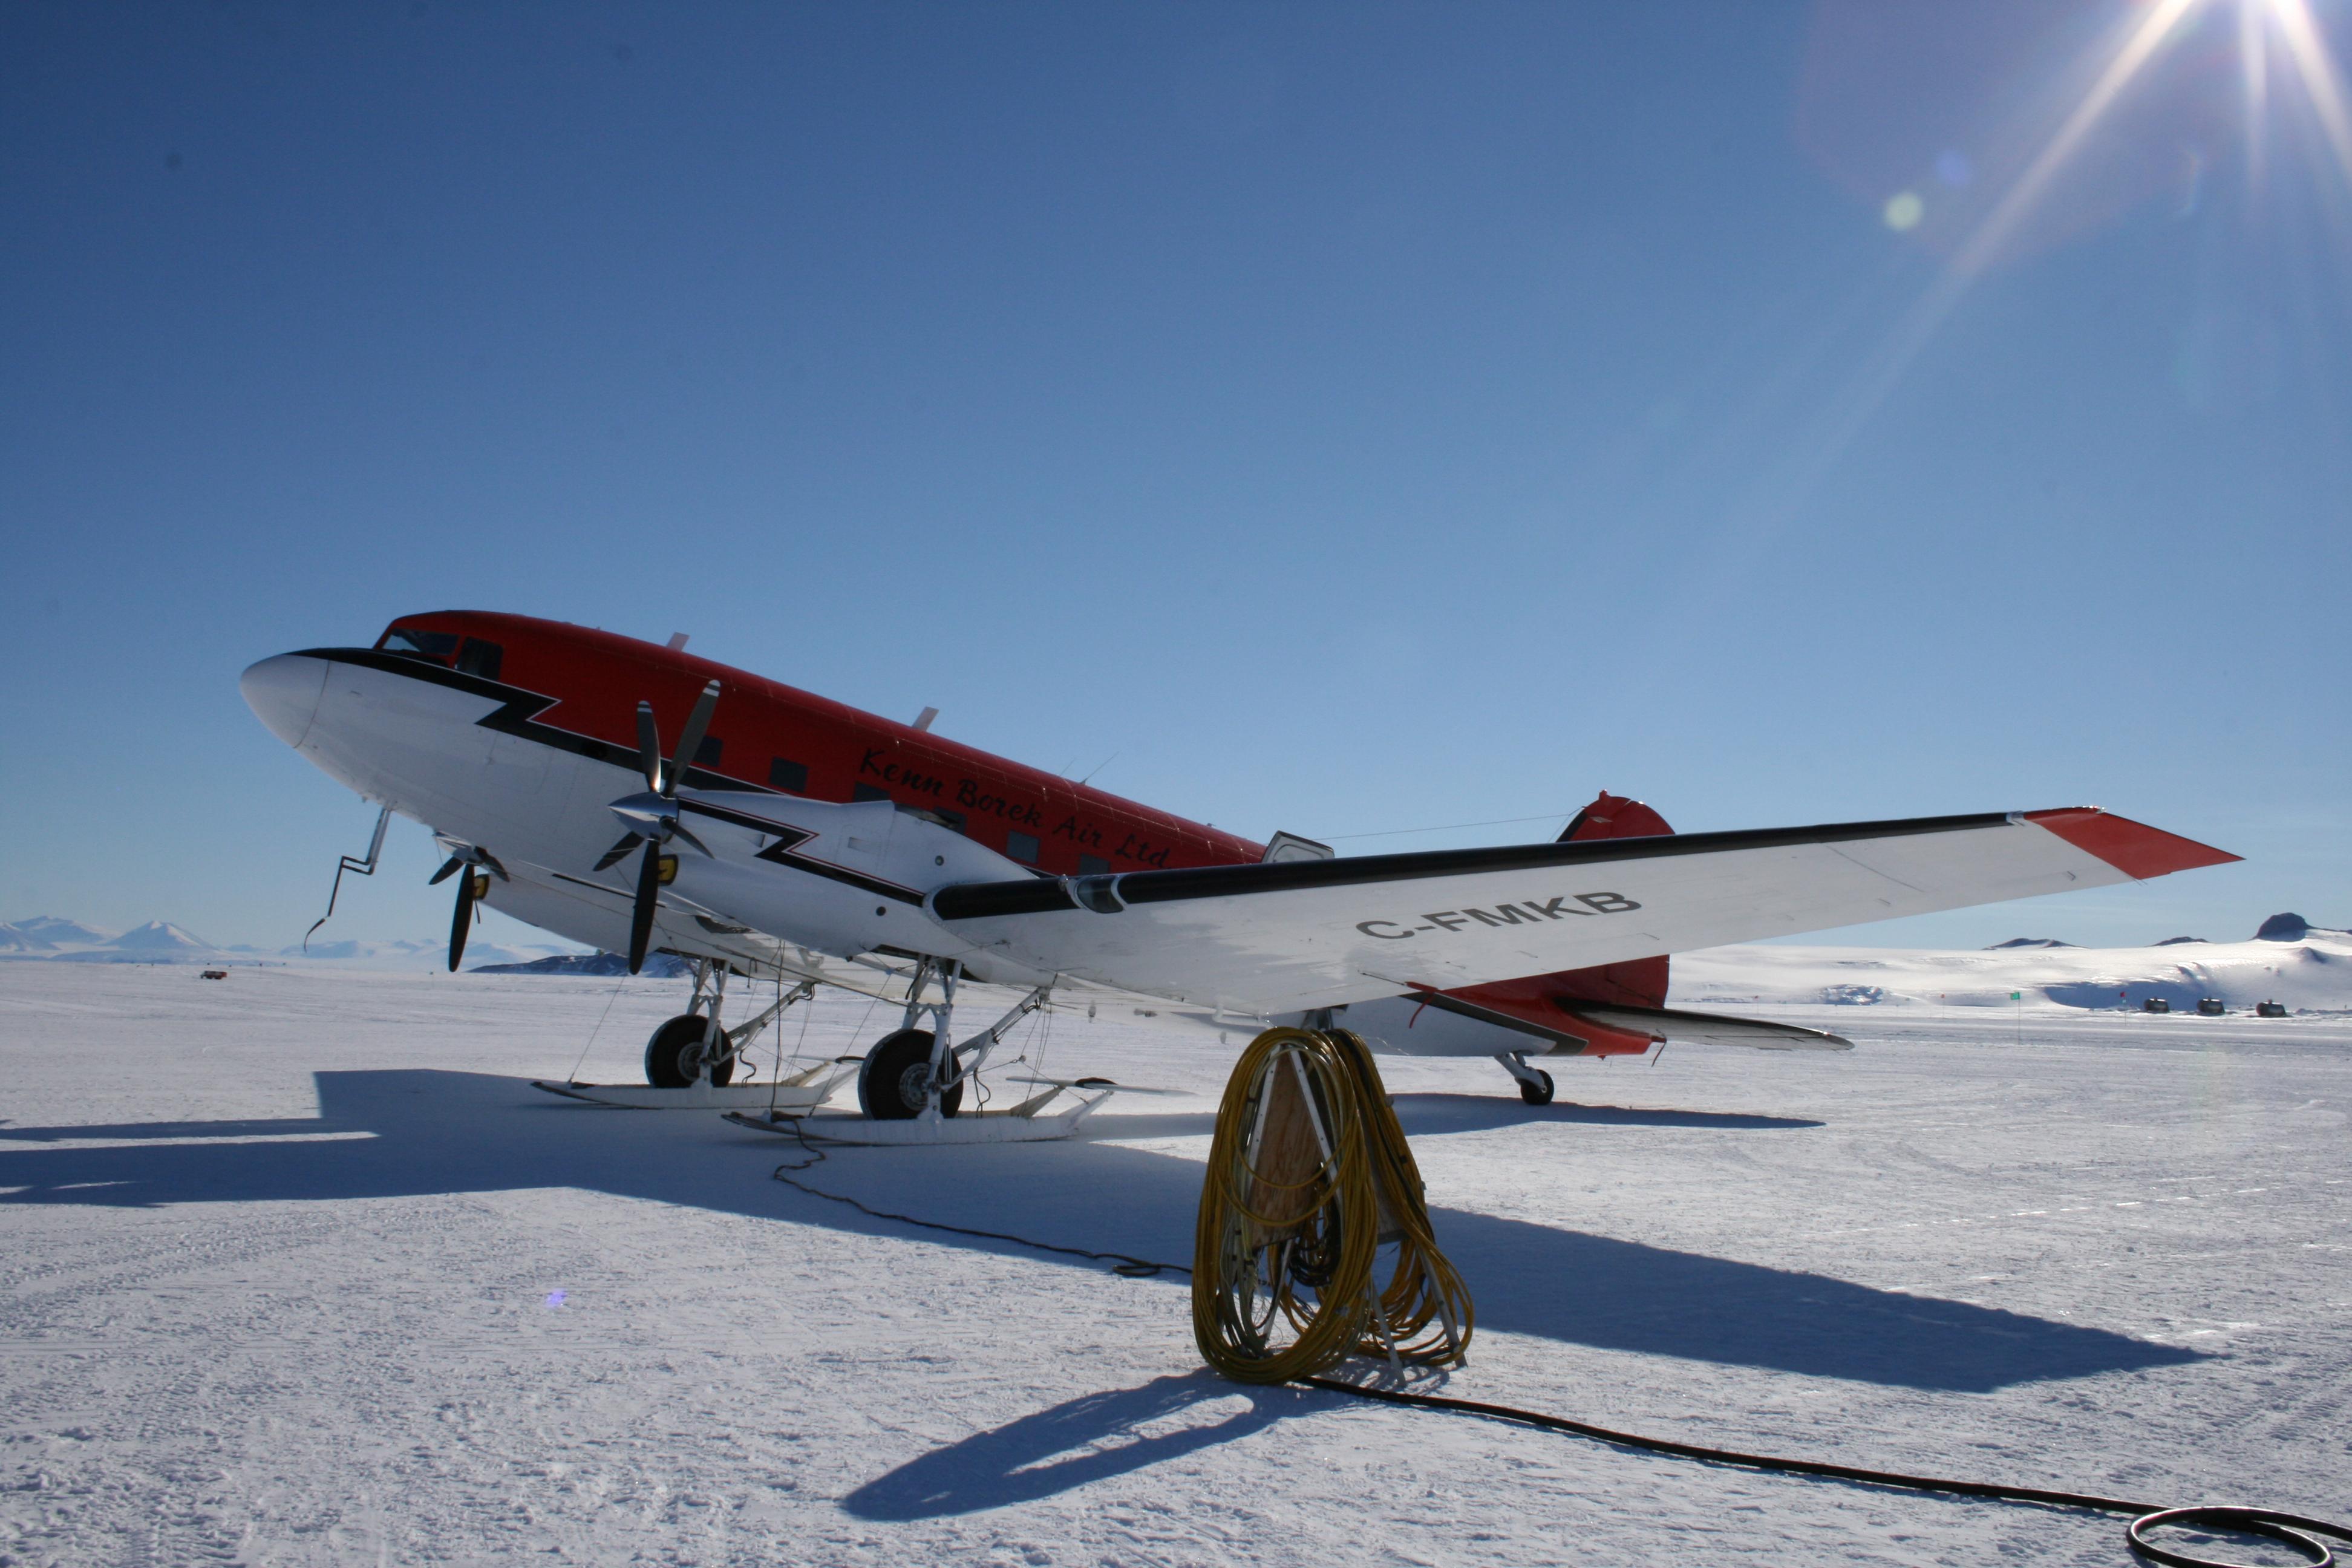 Basler_bt67_antarctica.jpg